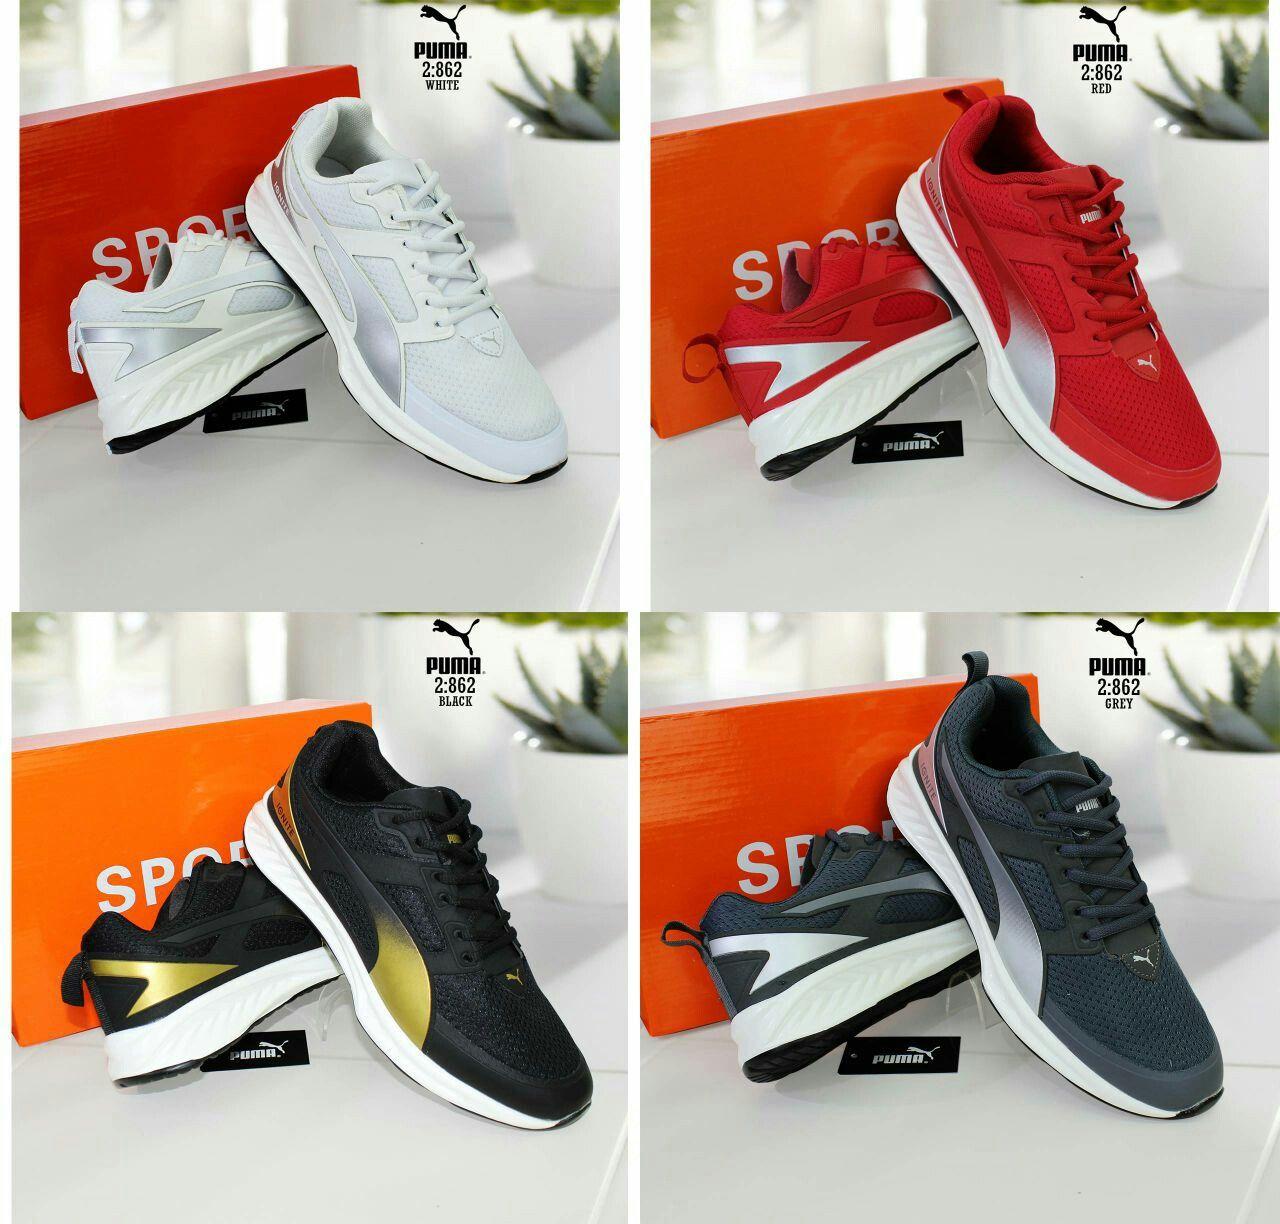 Sepatu Merek Puma Seri 862 Kualitas Semprem Warna White Black